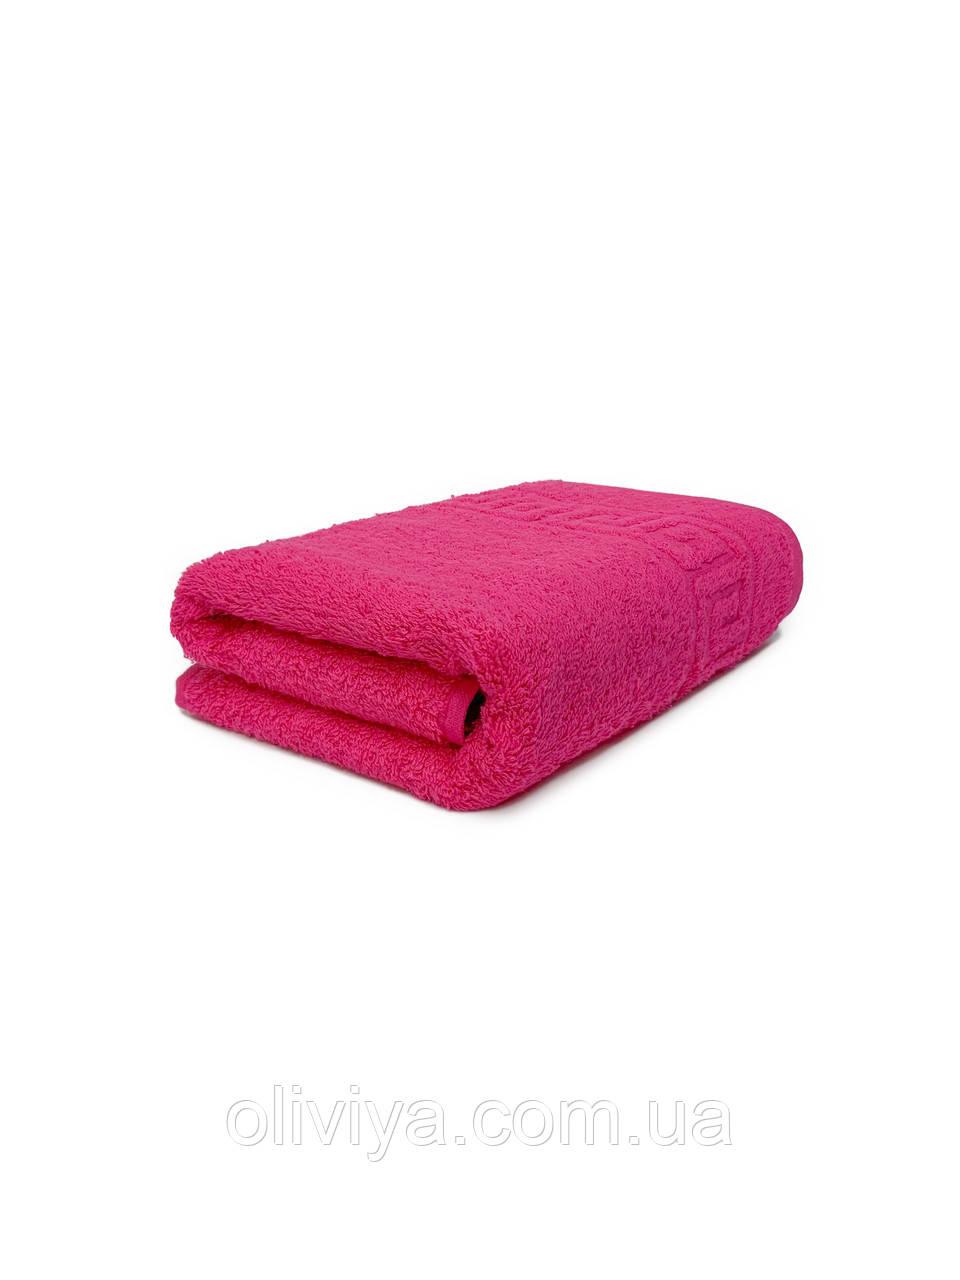 Полотенце для рук 40х70 малиновое